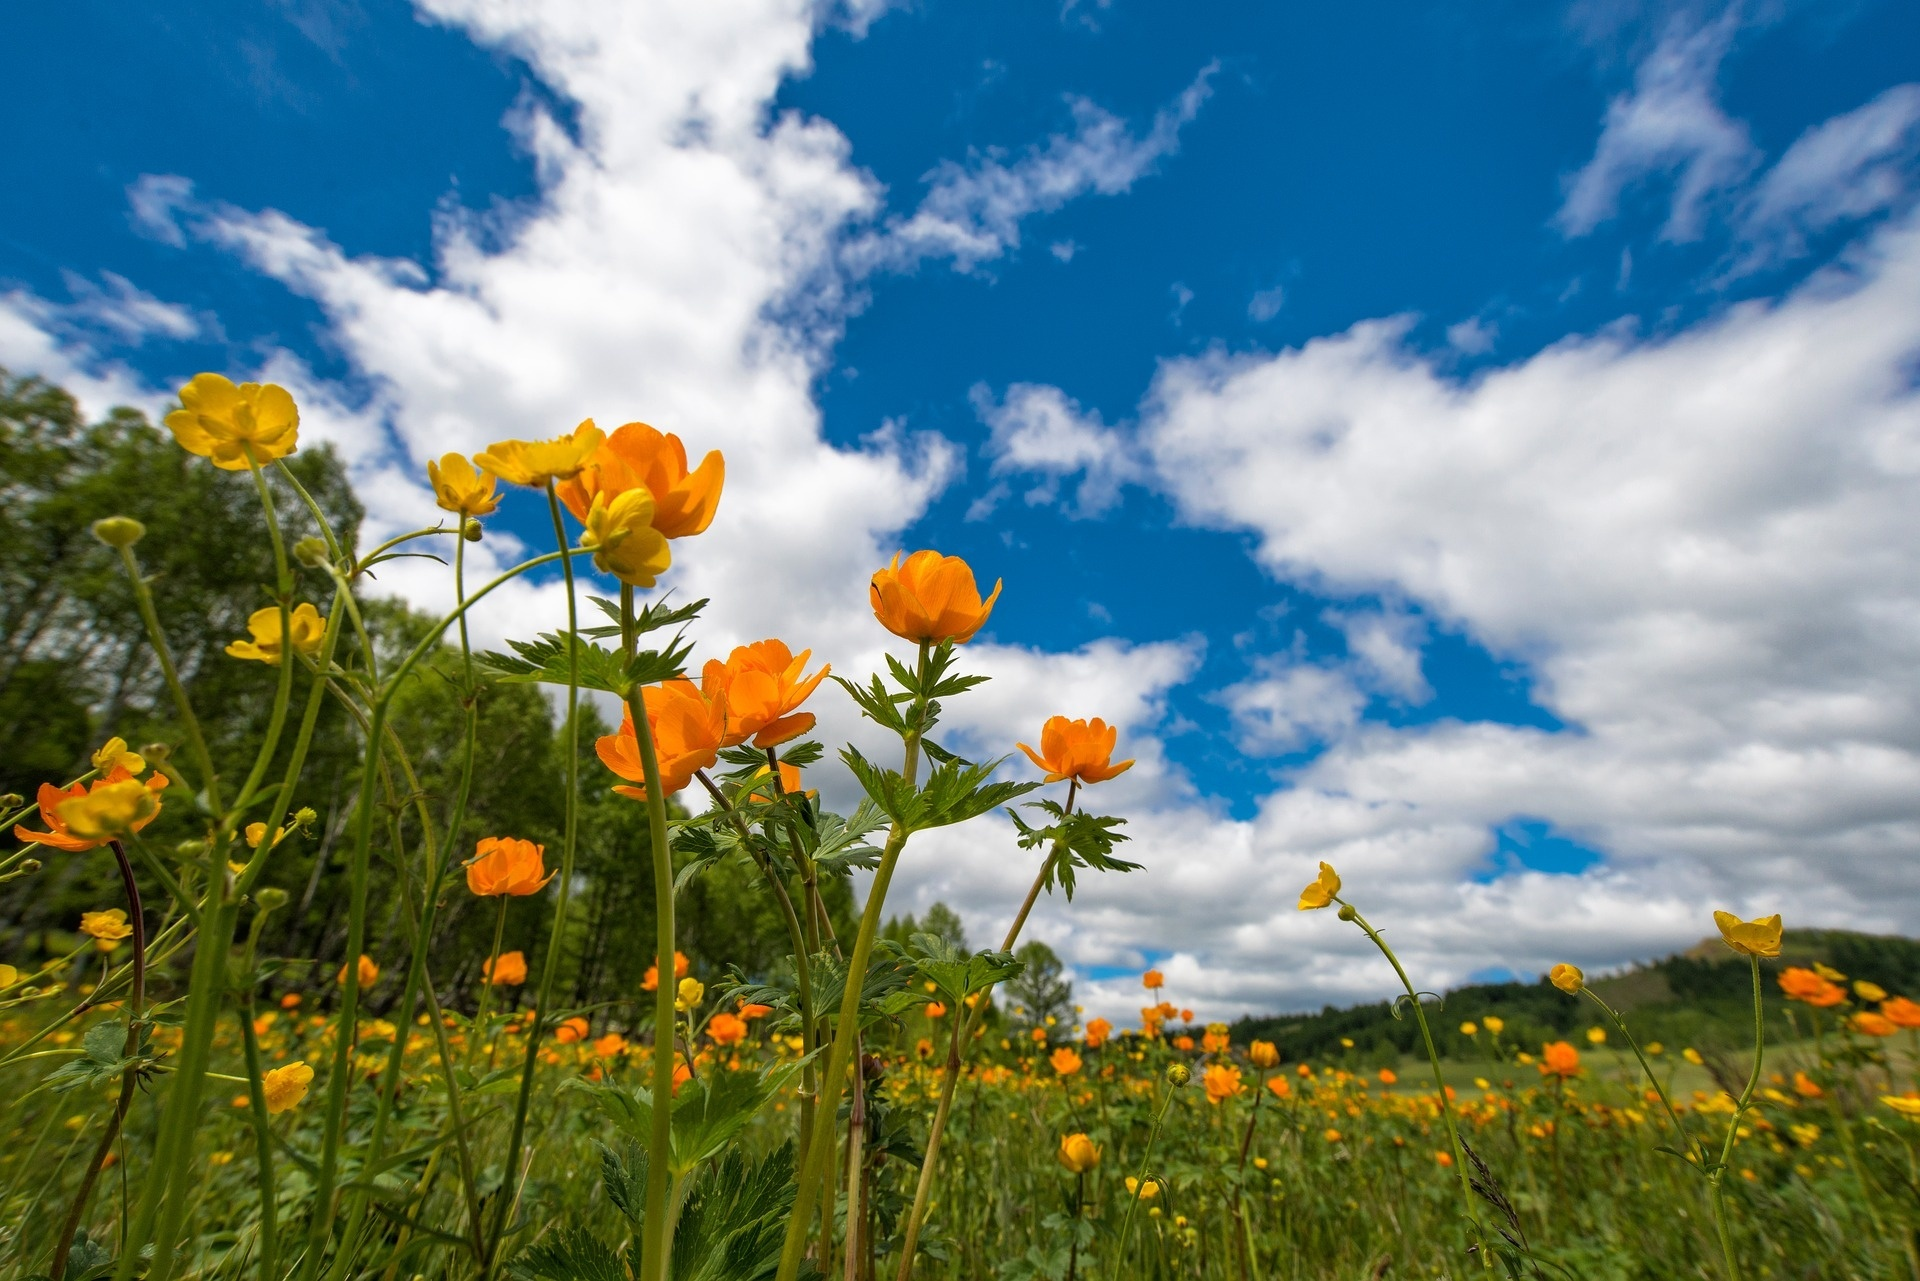 картинки с июльскими цветами вам